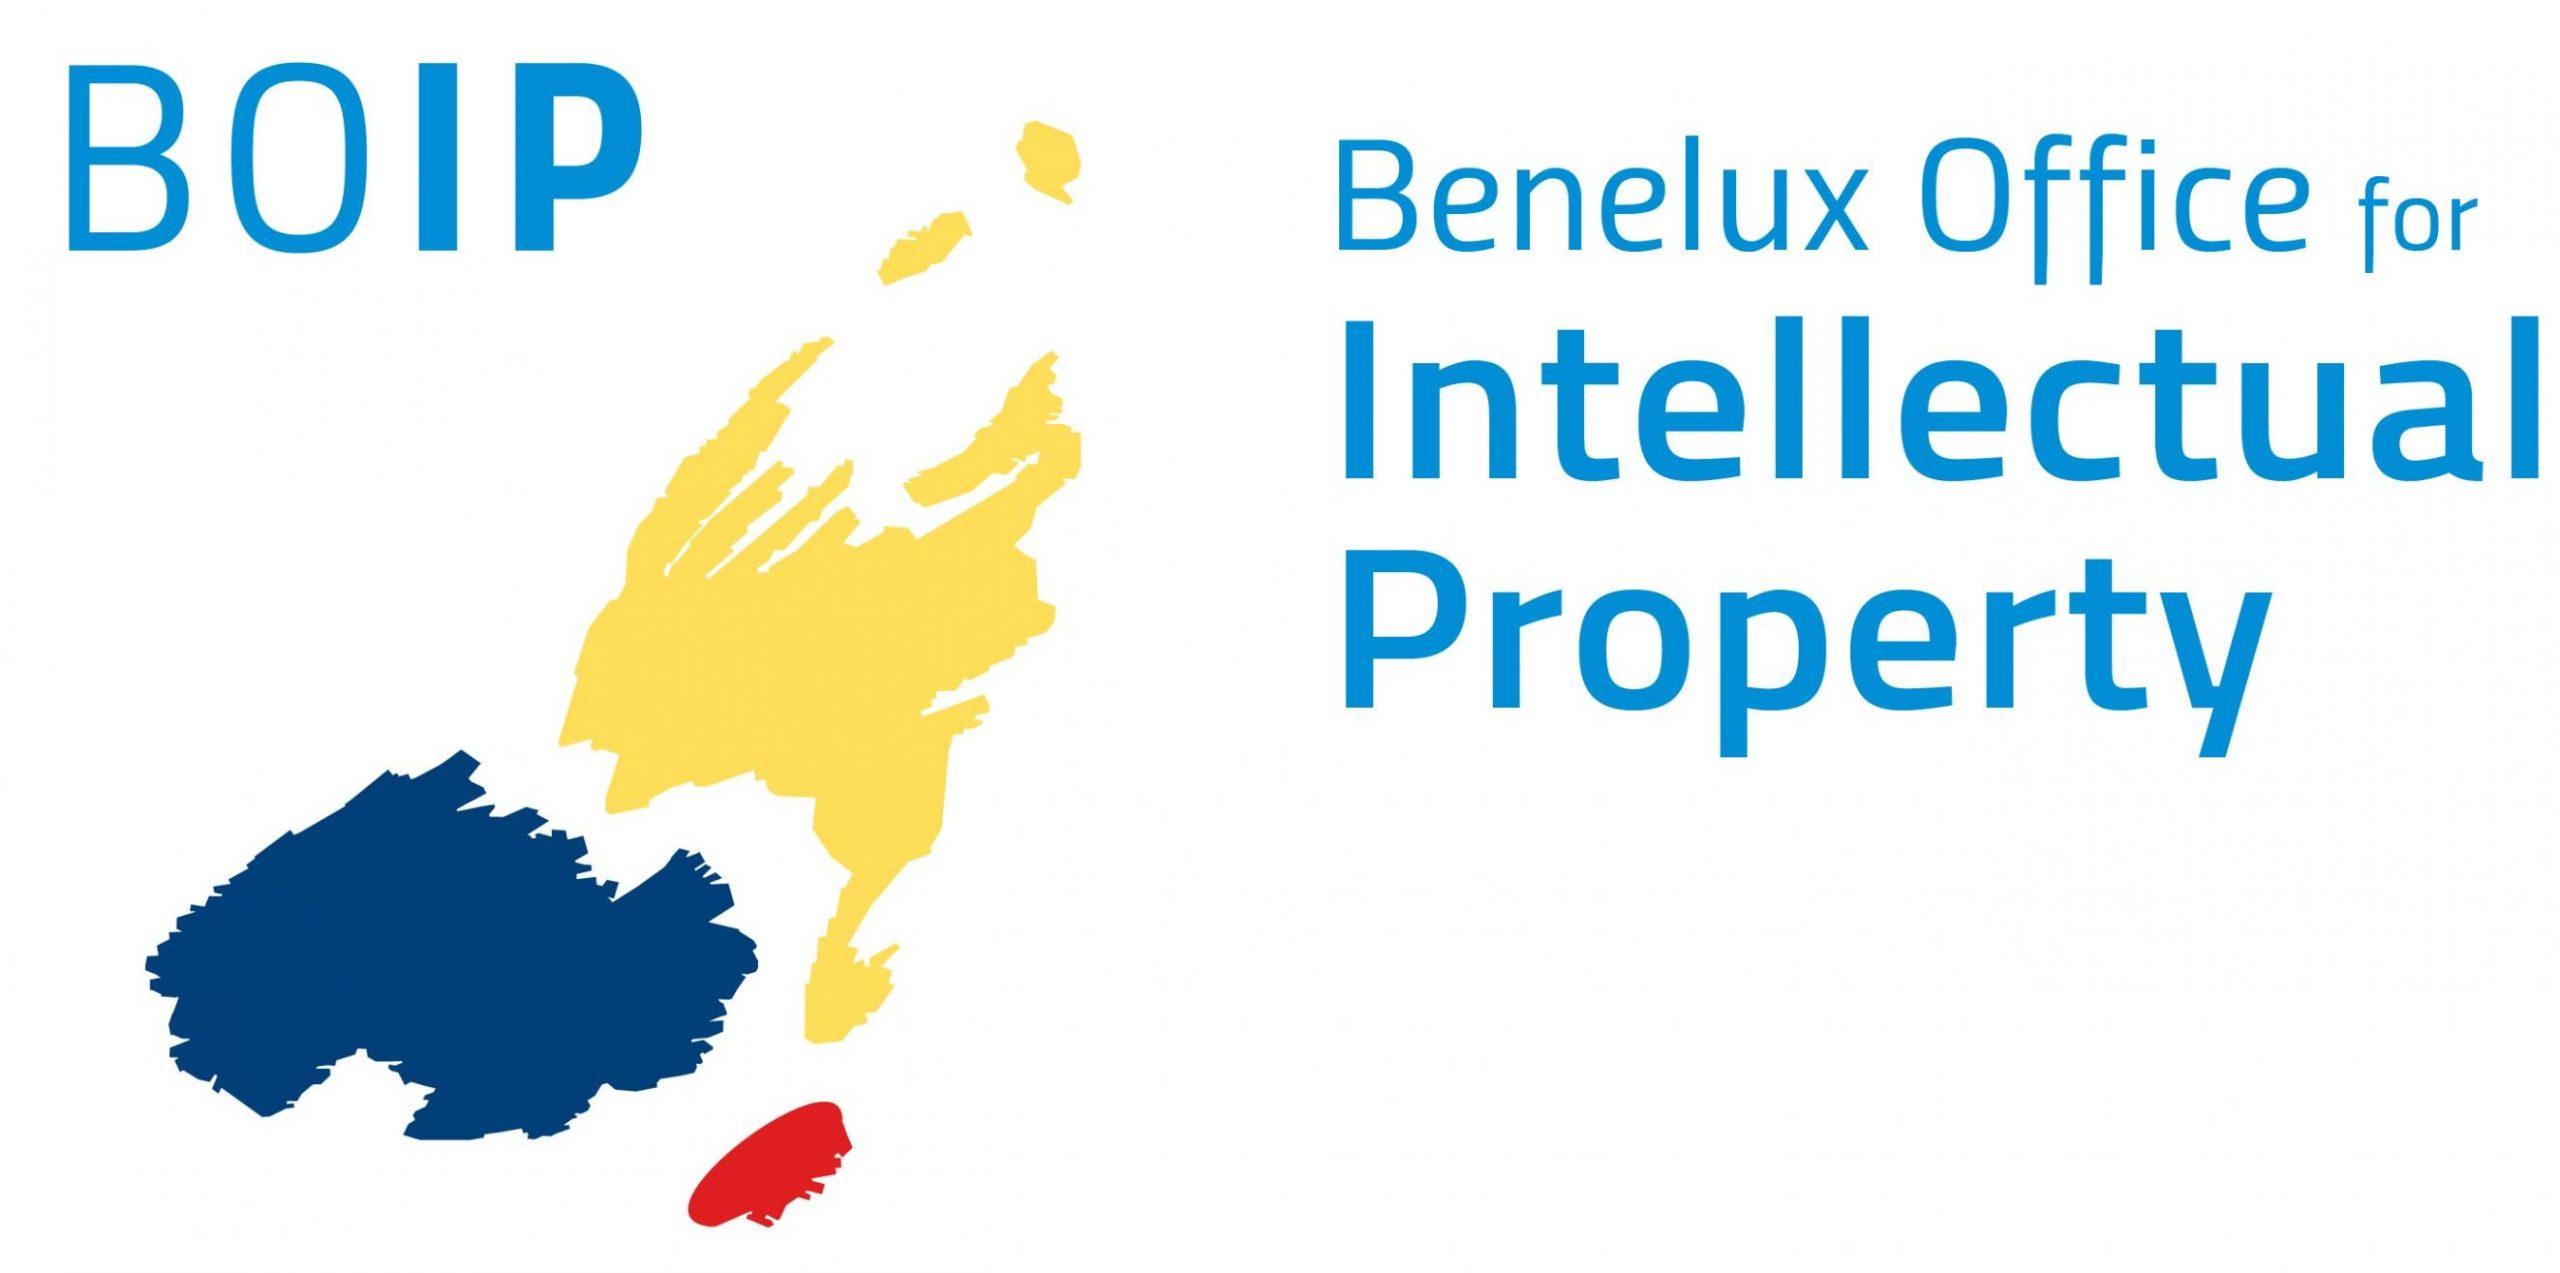 BeNeLux Office for Intellectual Property (BOIP), Den Haag/The Hague, Netherlands/Niederlande, Bordewijklaan 15, 2591 XR Den Haag/s'Gravenhage